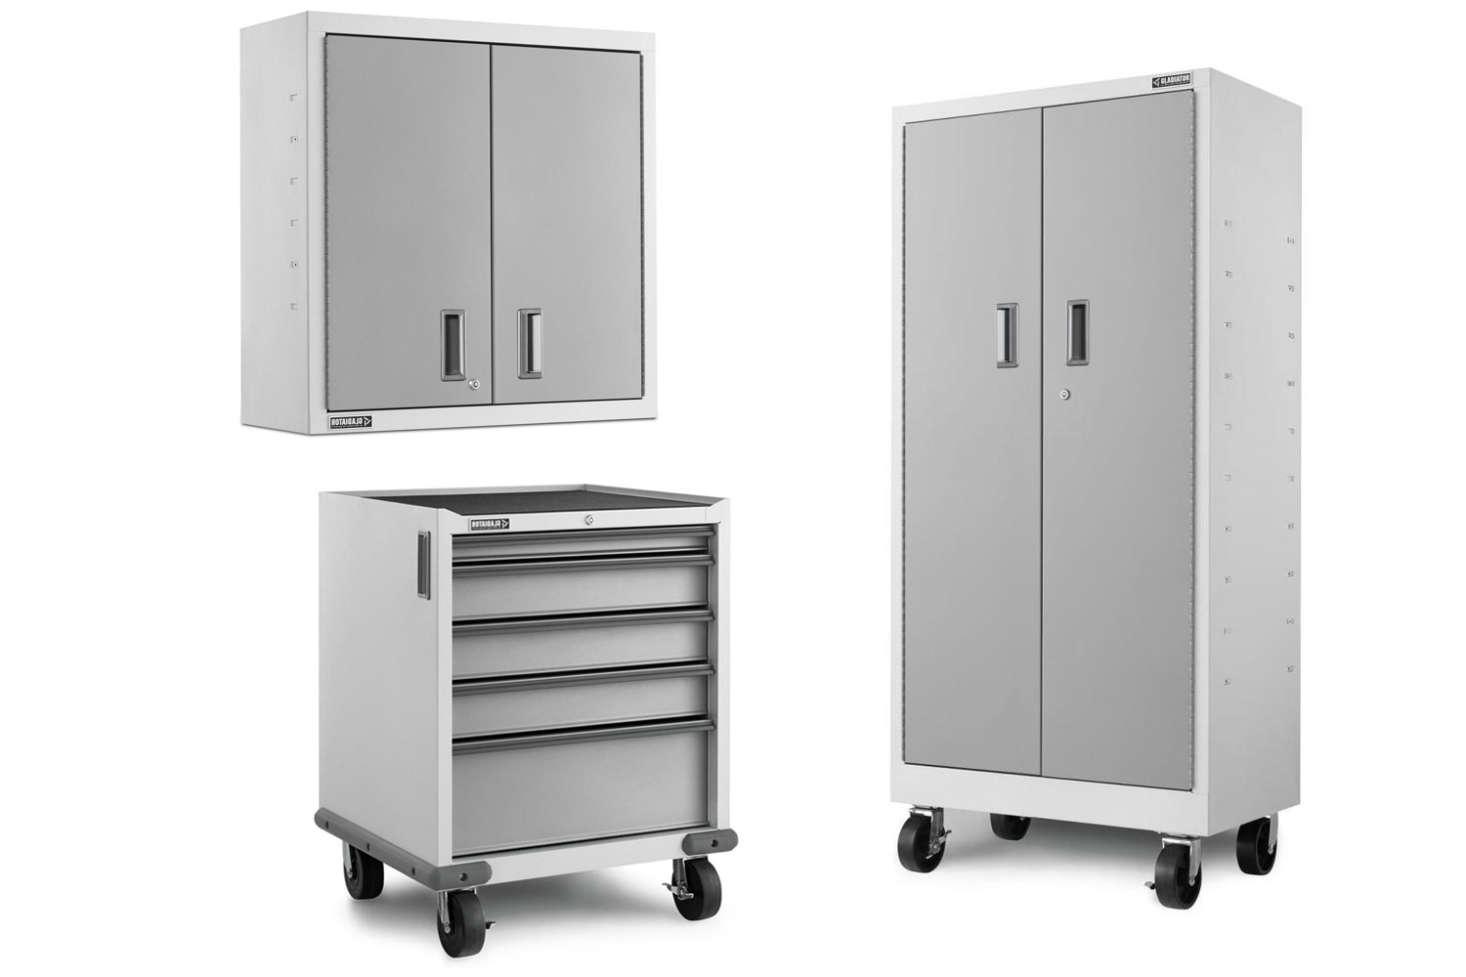 10 Easy Pieces Garage Storage Cabinet Systems Gardenista